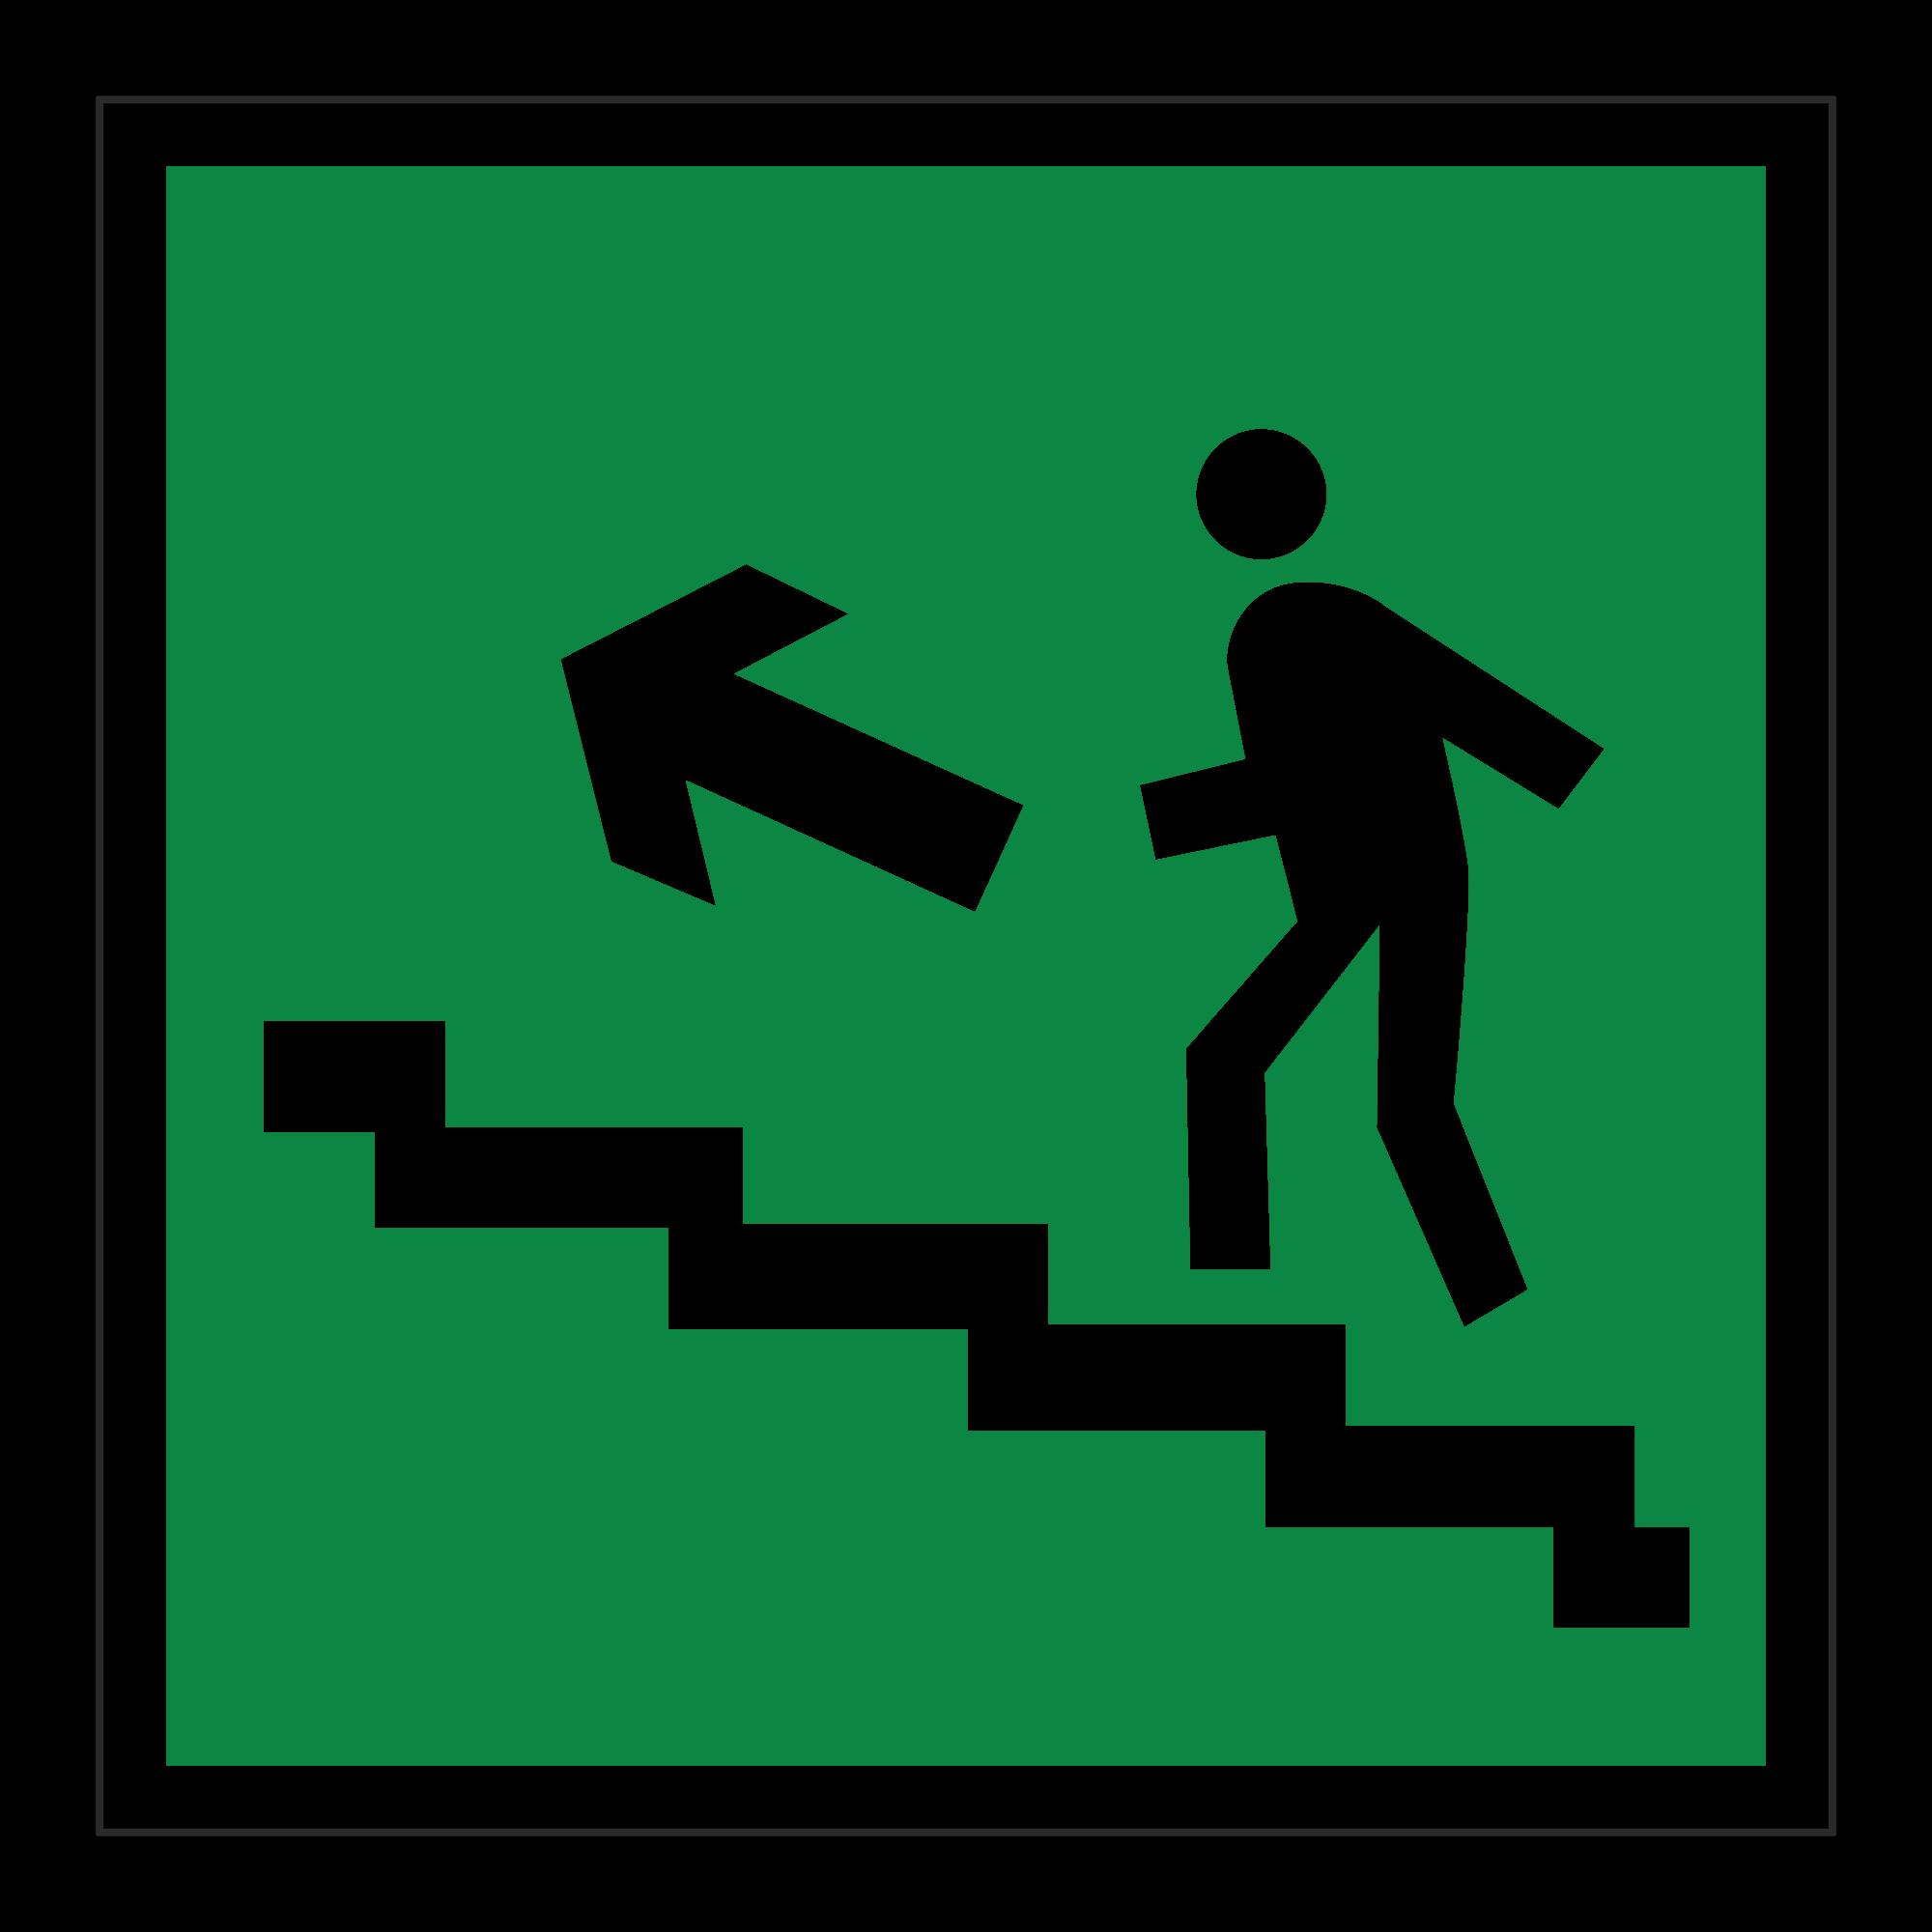 Е16 Направление к эвакуационному выходу по лестнице вверх (налево)